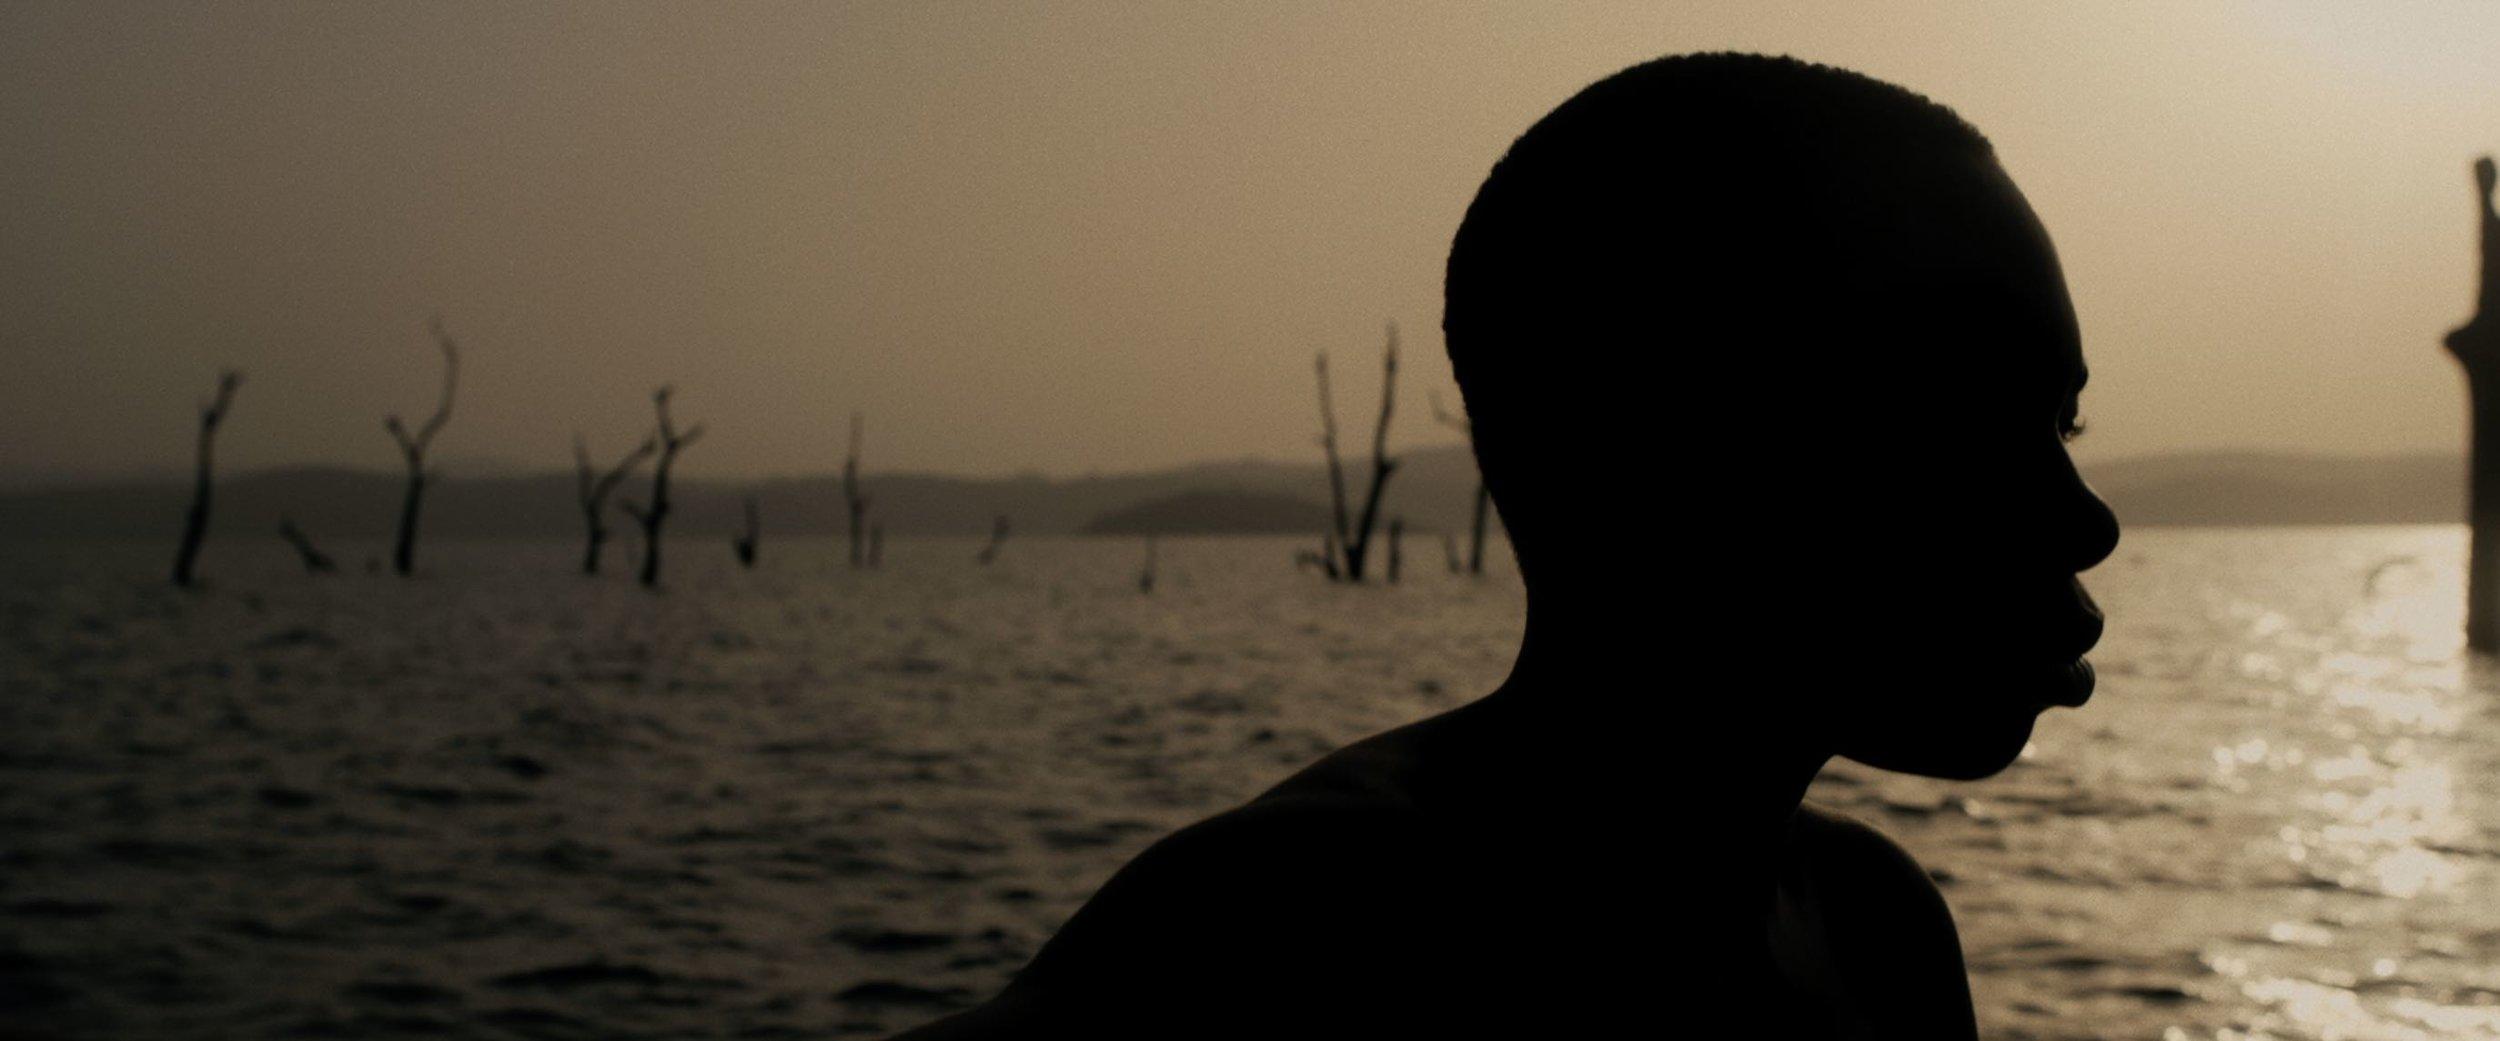 boat boy shadow.jpg